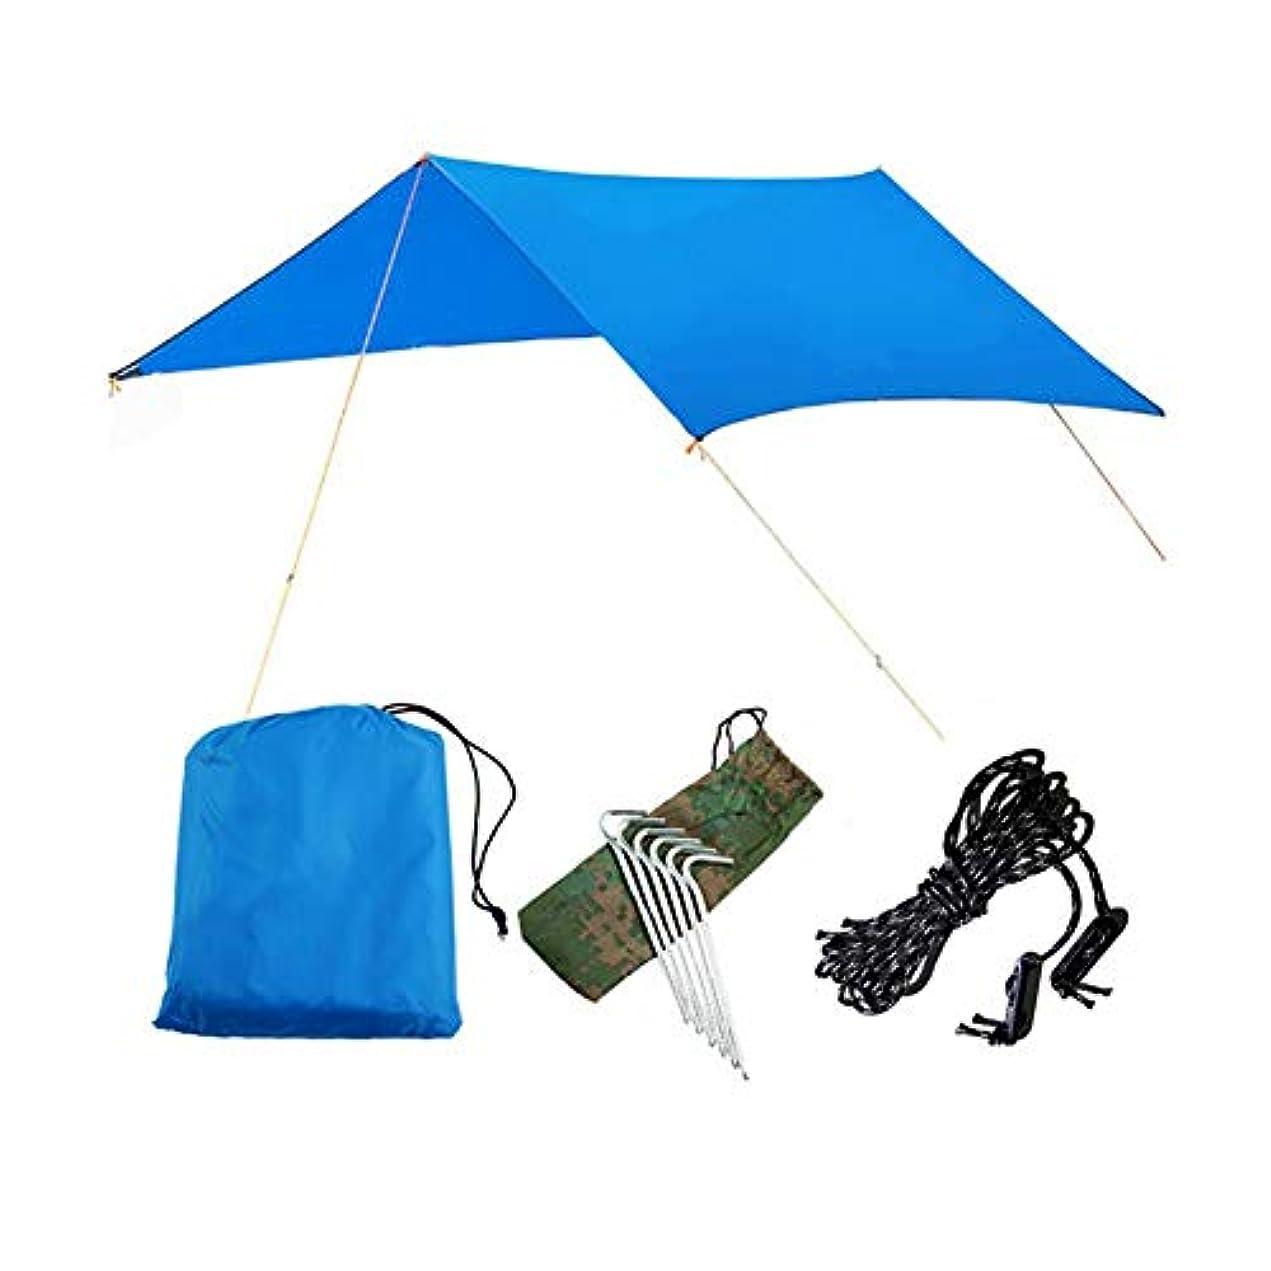 ゴシップ禁止本質的にDOMO キャノピー アウトドア 簡易キャンプテント 多機能 屋外用マット 防湿パッド オーニング パーゴラ 防水 ビーチ キャンプ 300*300CM (3-4人)